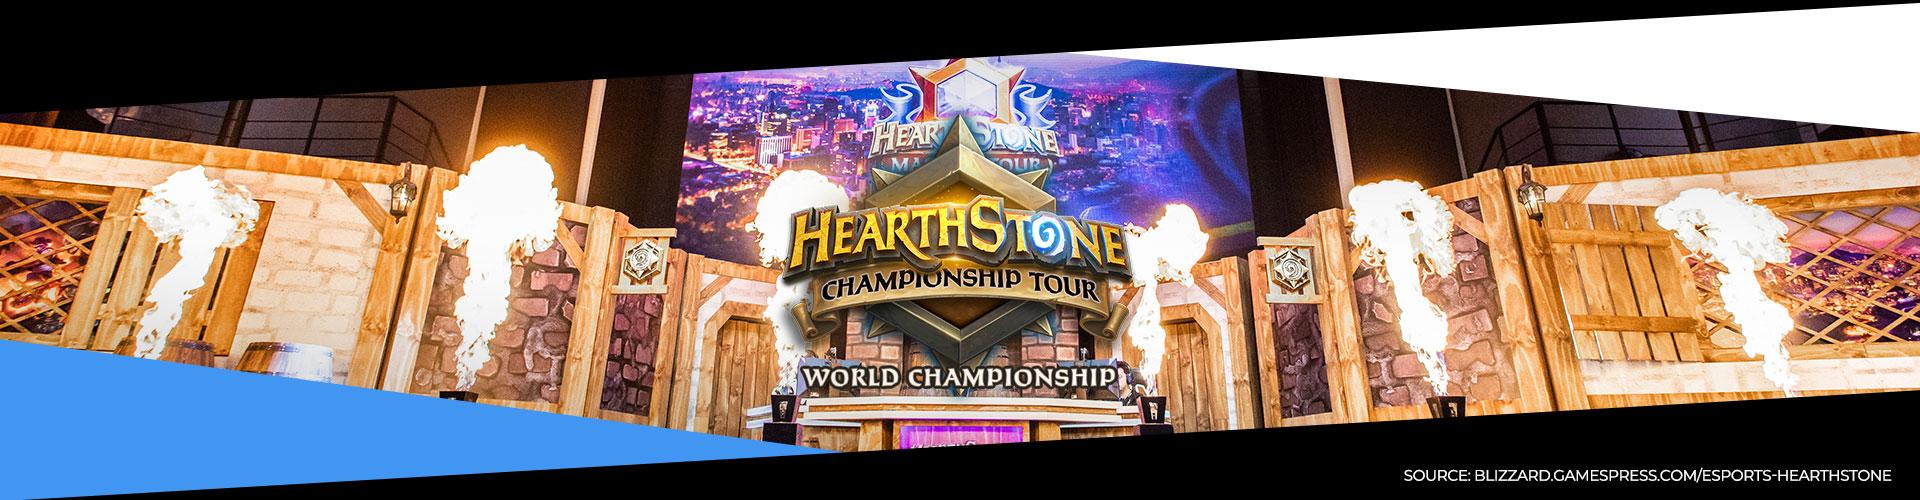 Den sista dagen av världsmästerskapet i Hearthstone är färdigspelad och därmed är en vinnare utsedd!